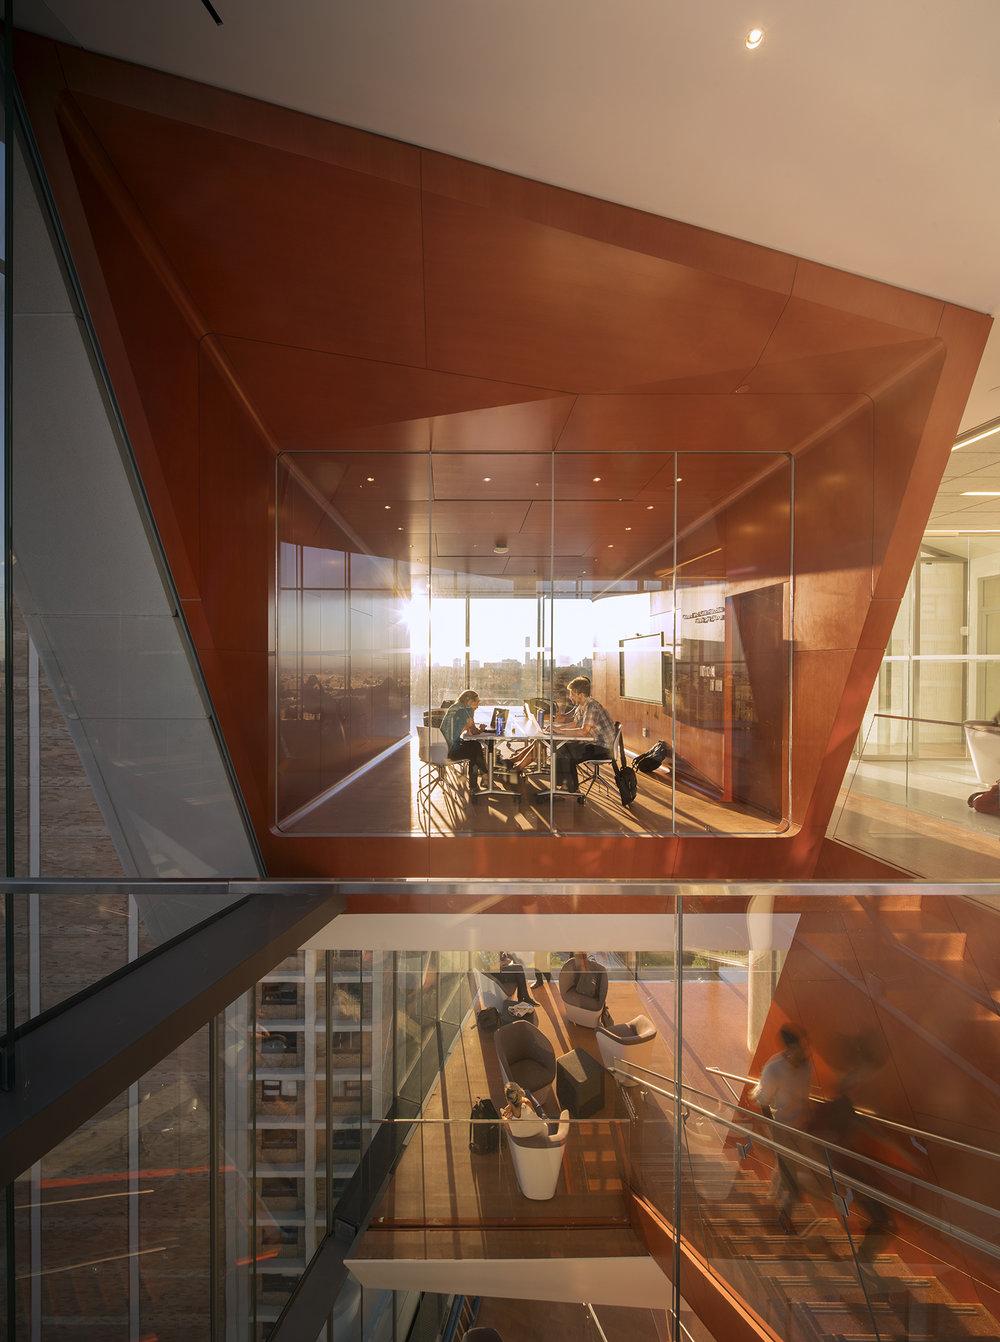 vagelos education center at cumc | diller scofidio + renfro | new york usa